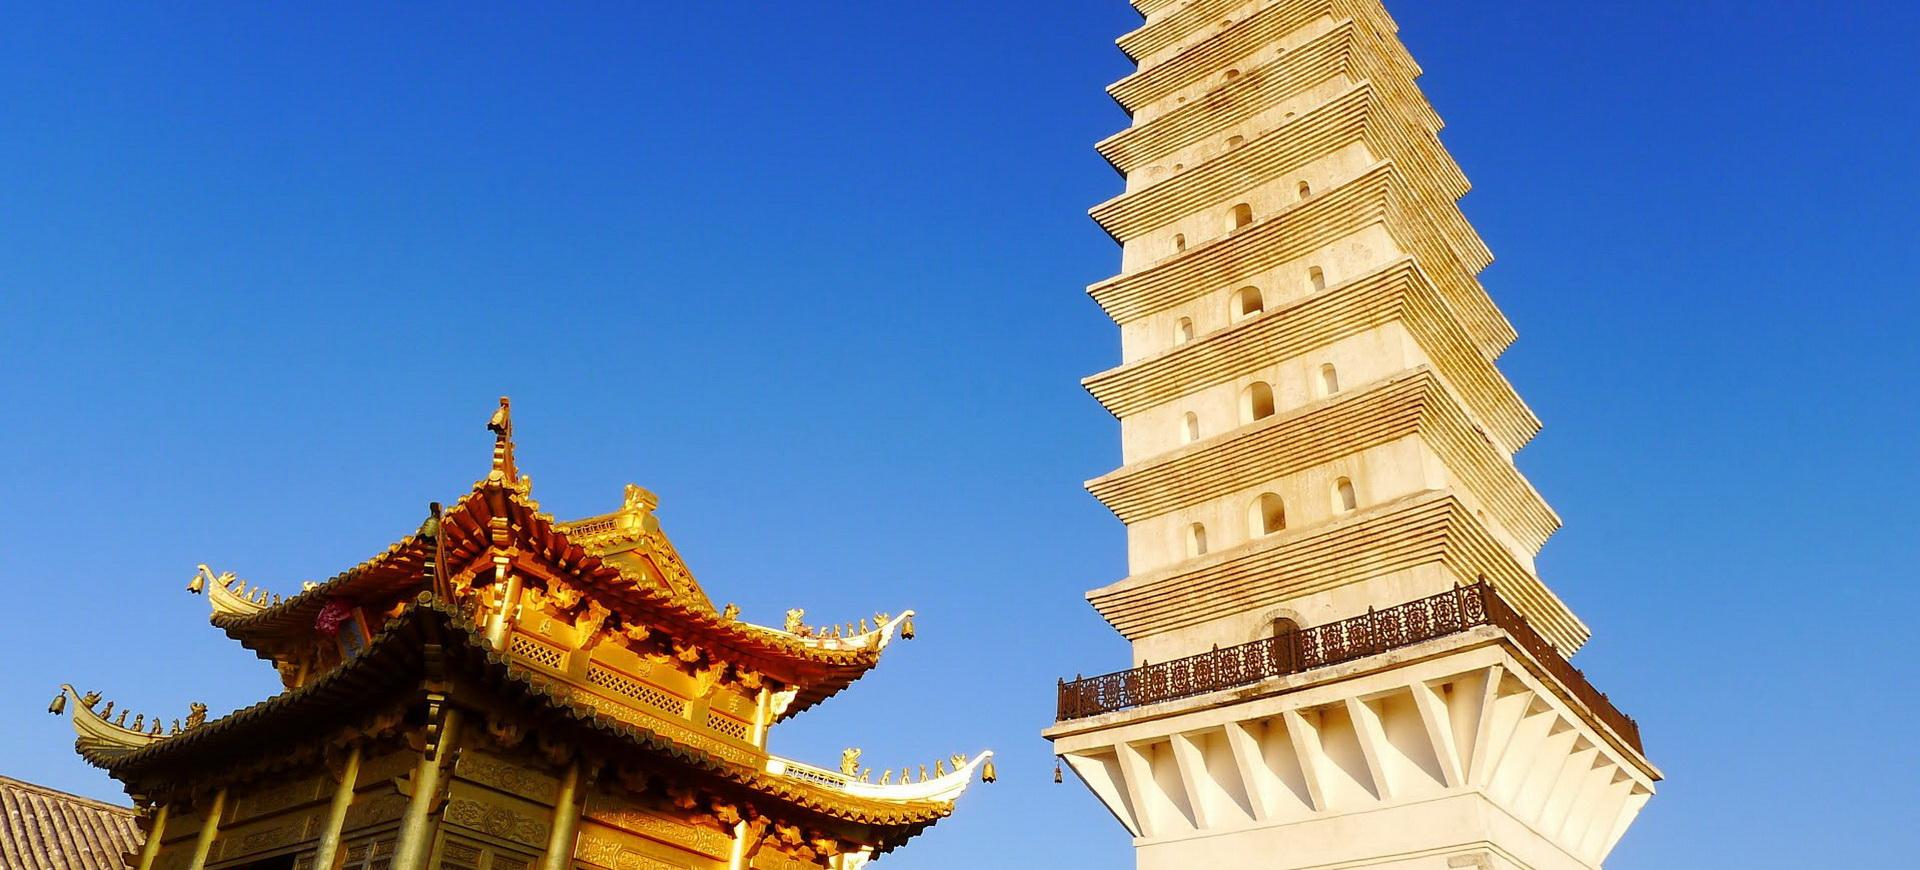 Voyage de groupe sans visa en Chine